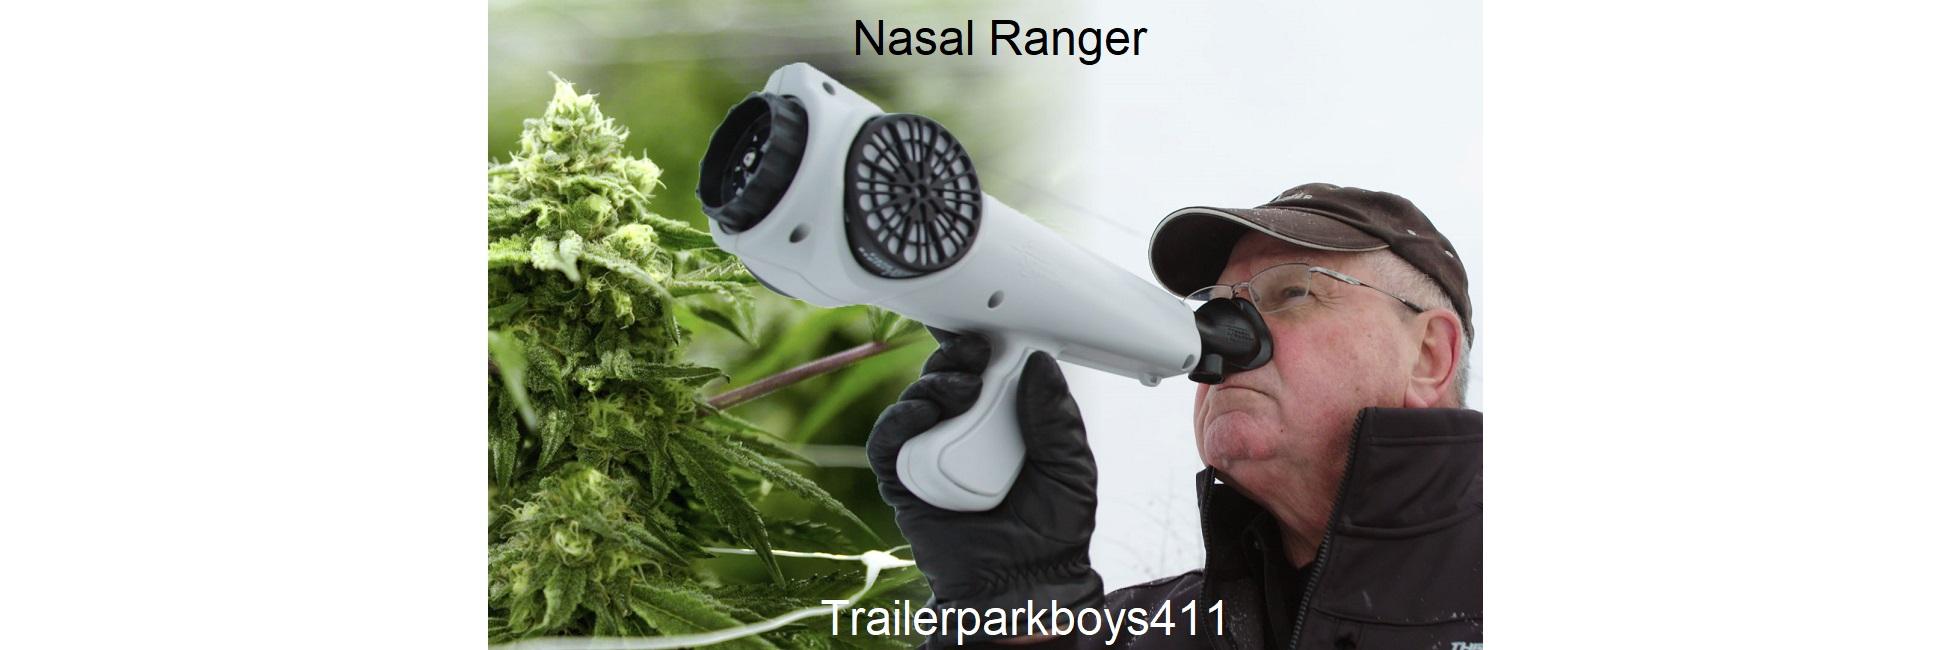 Nasal Ranger